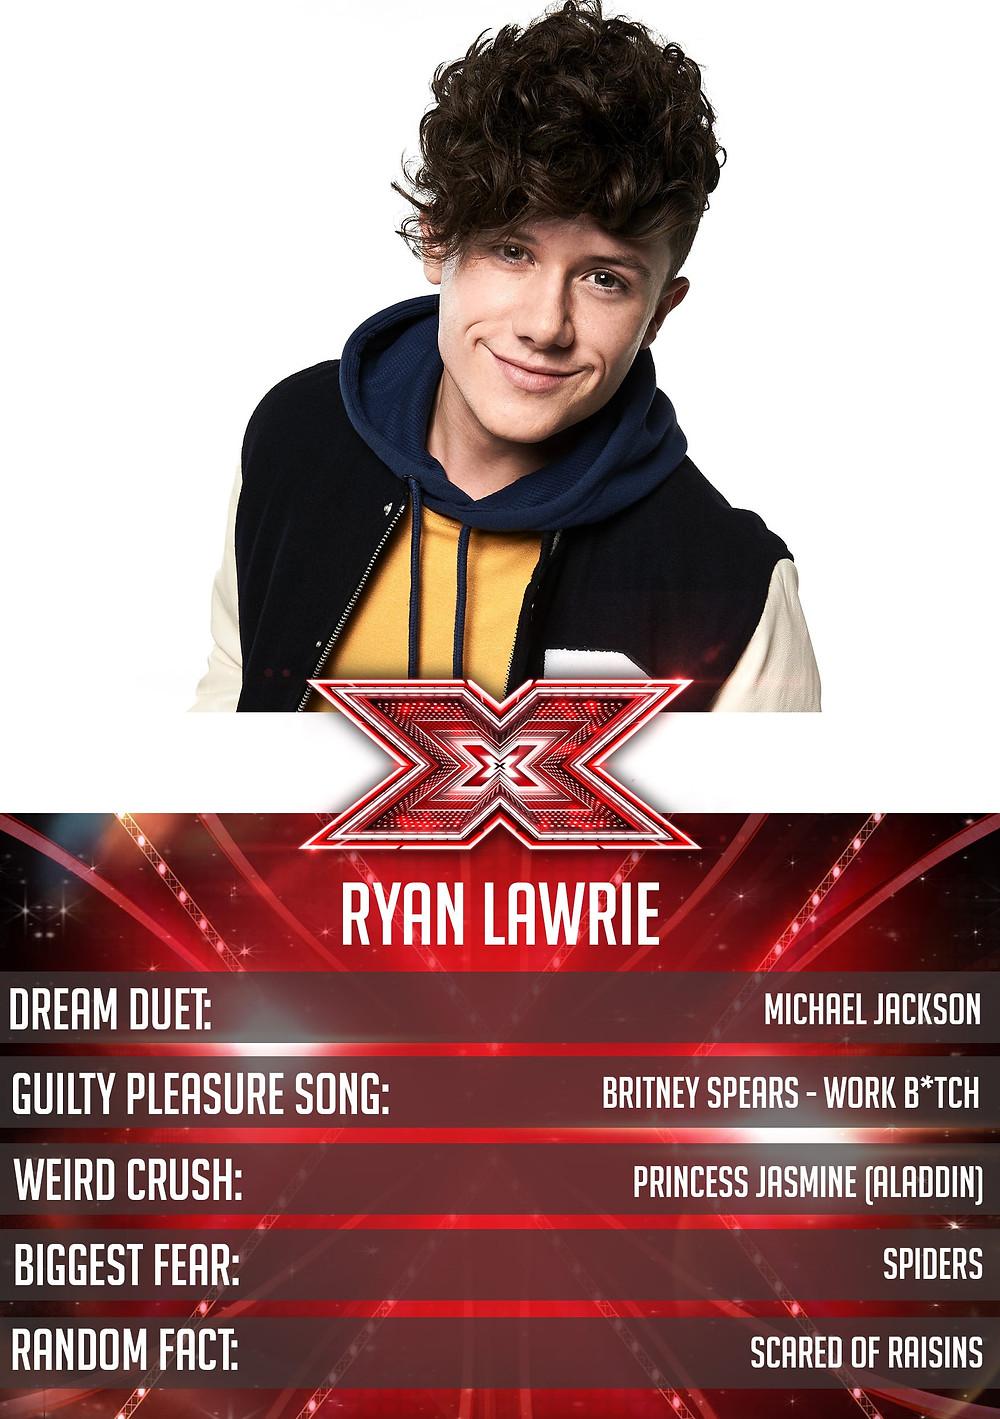 Ryan Lawrie